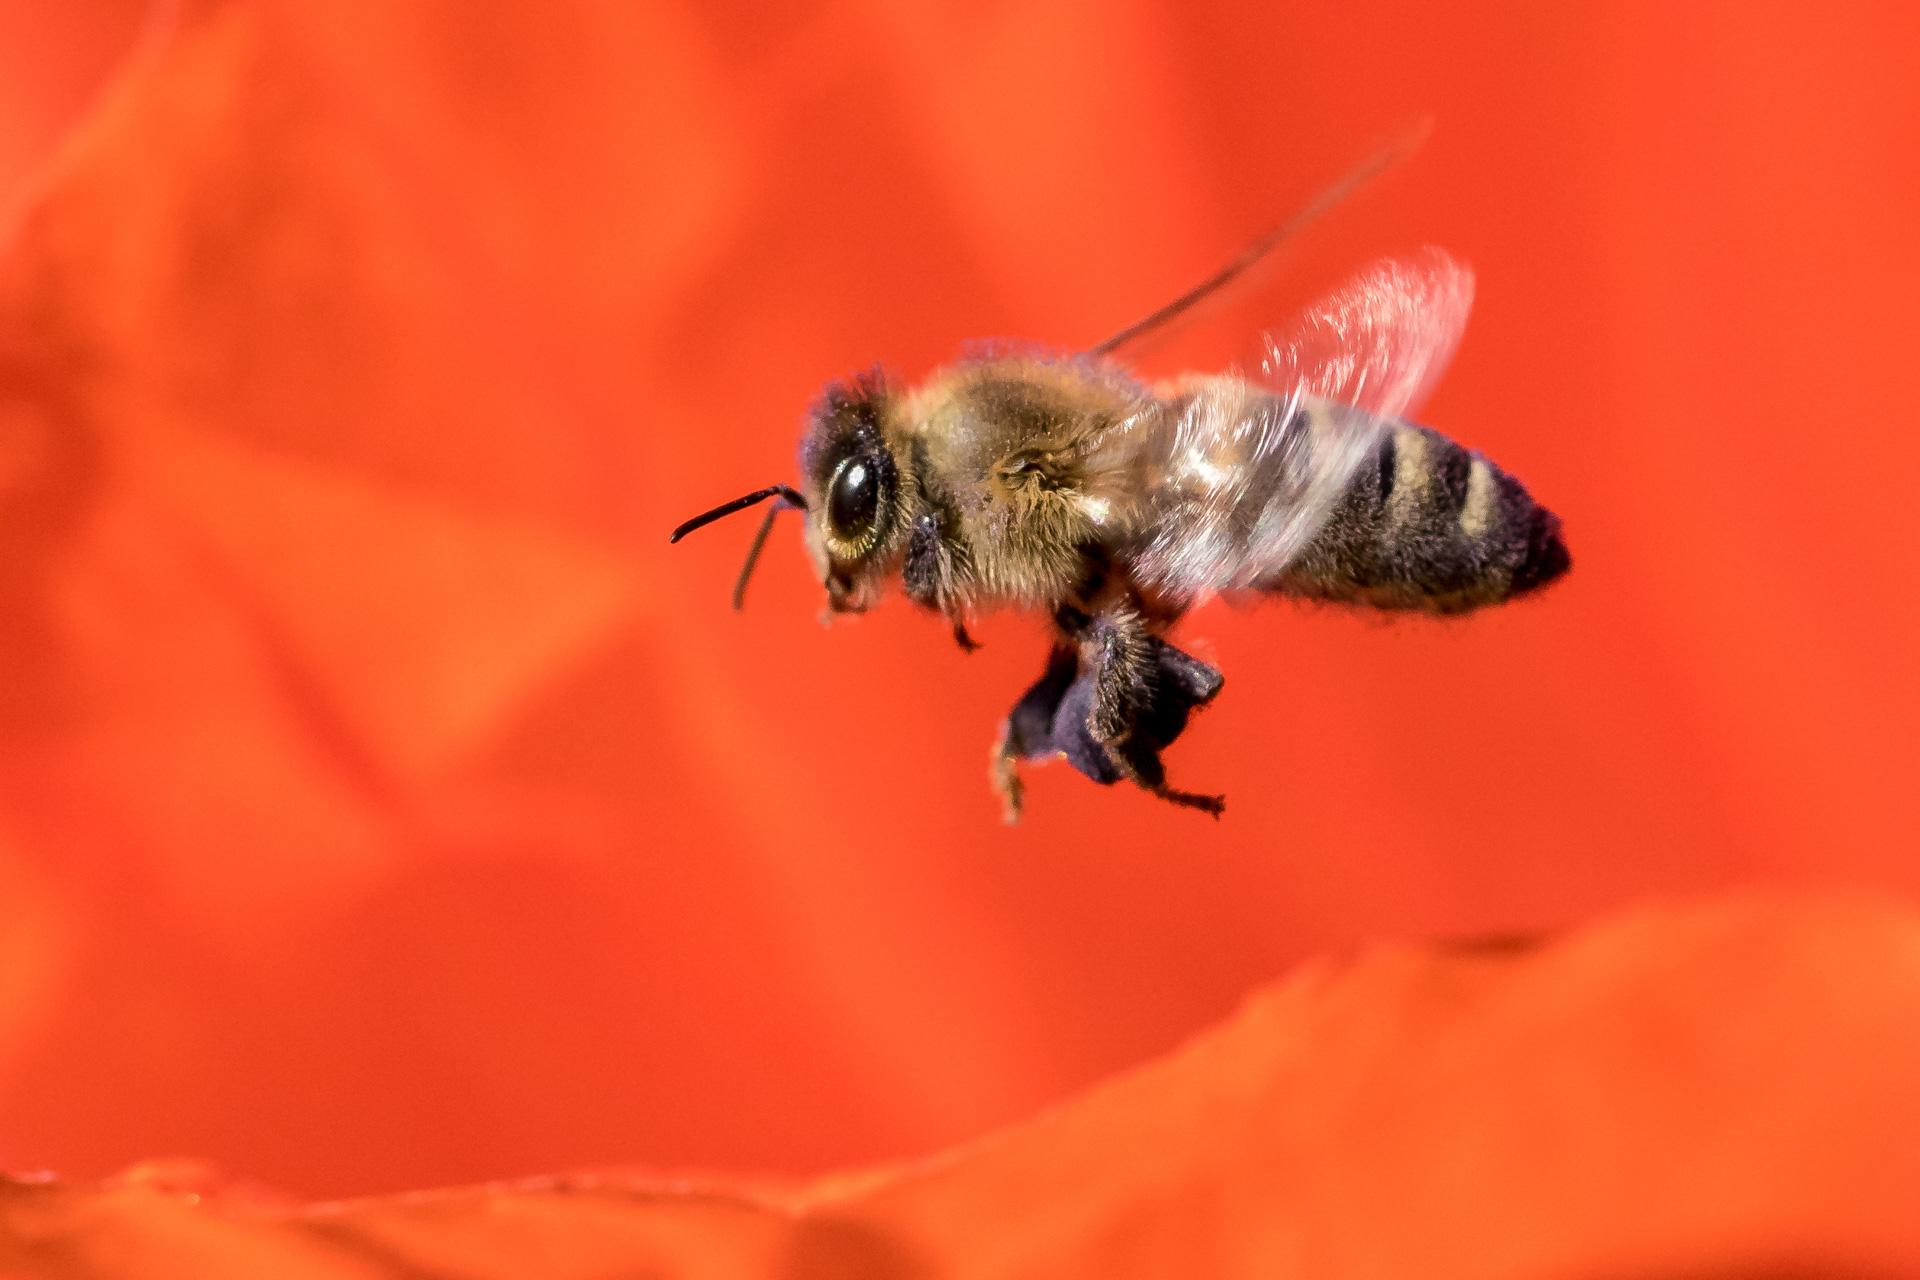 Honigbiene im Landeanflug auf eine Blüte (Foto: Peter Schreyer)